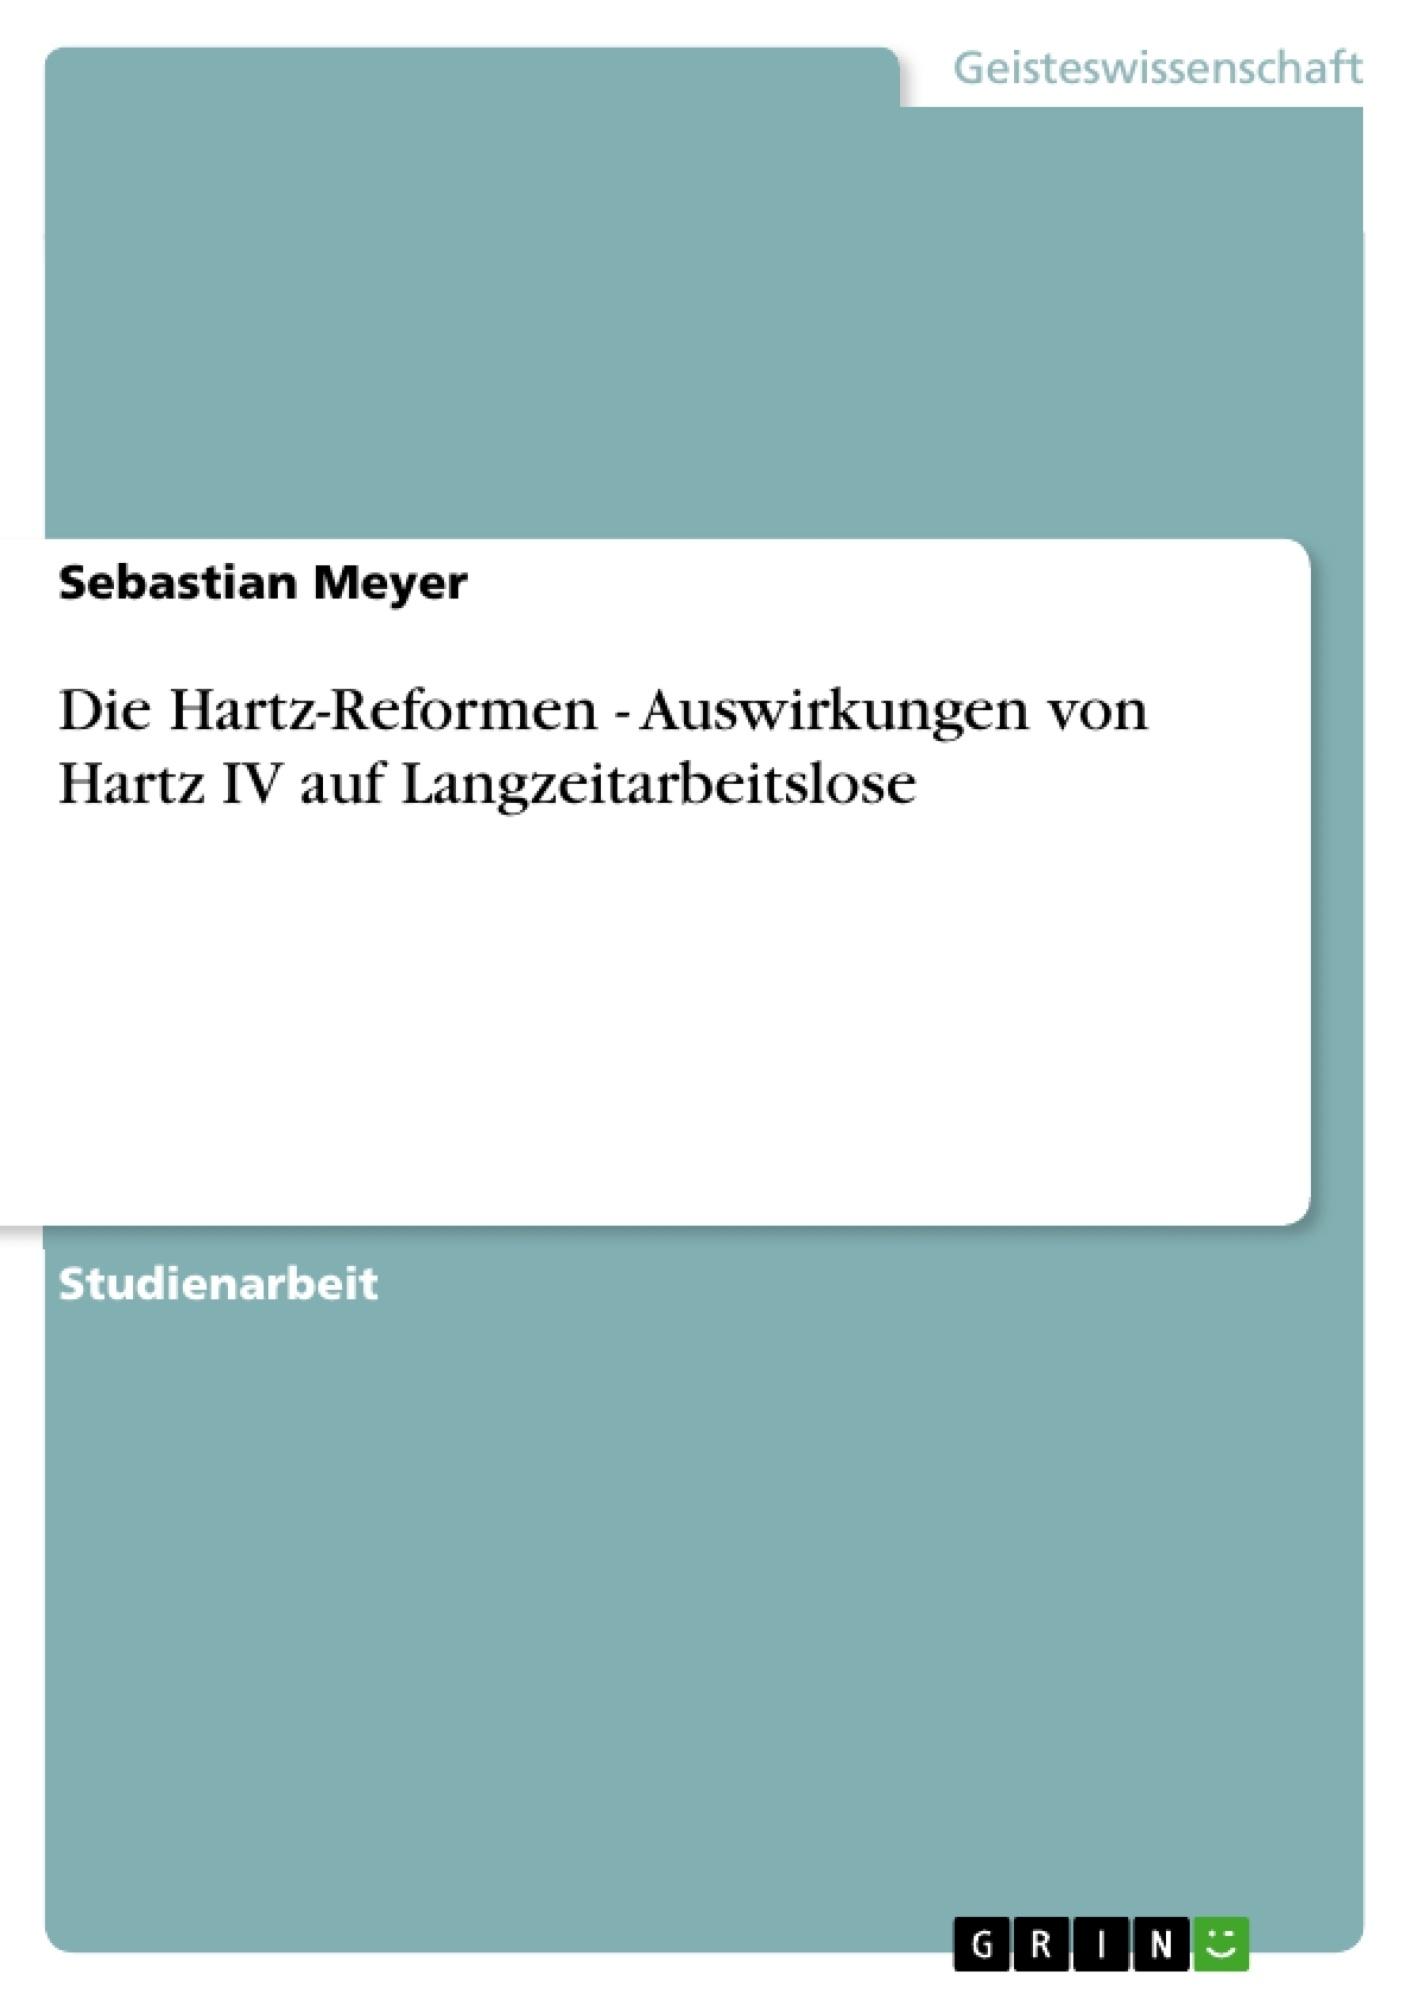 Titel: Die Hartz-Reformen - Auswirkungen von Hartz IV auf Langzeitarbeitslose